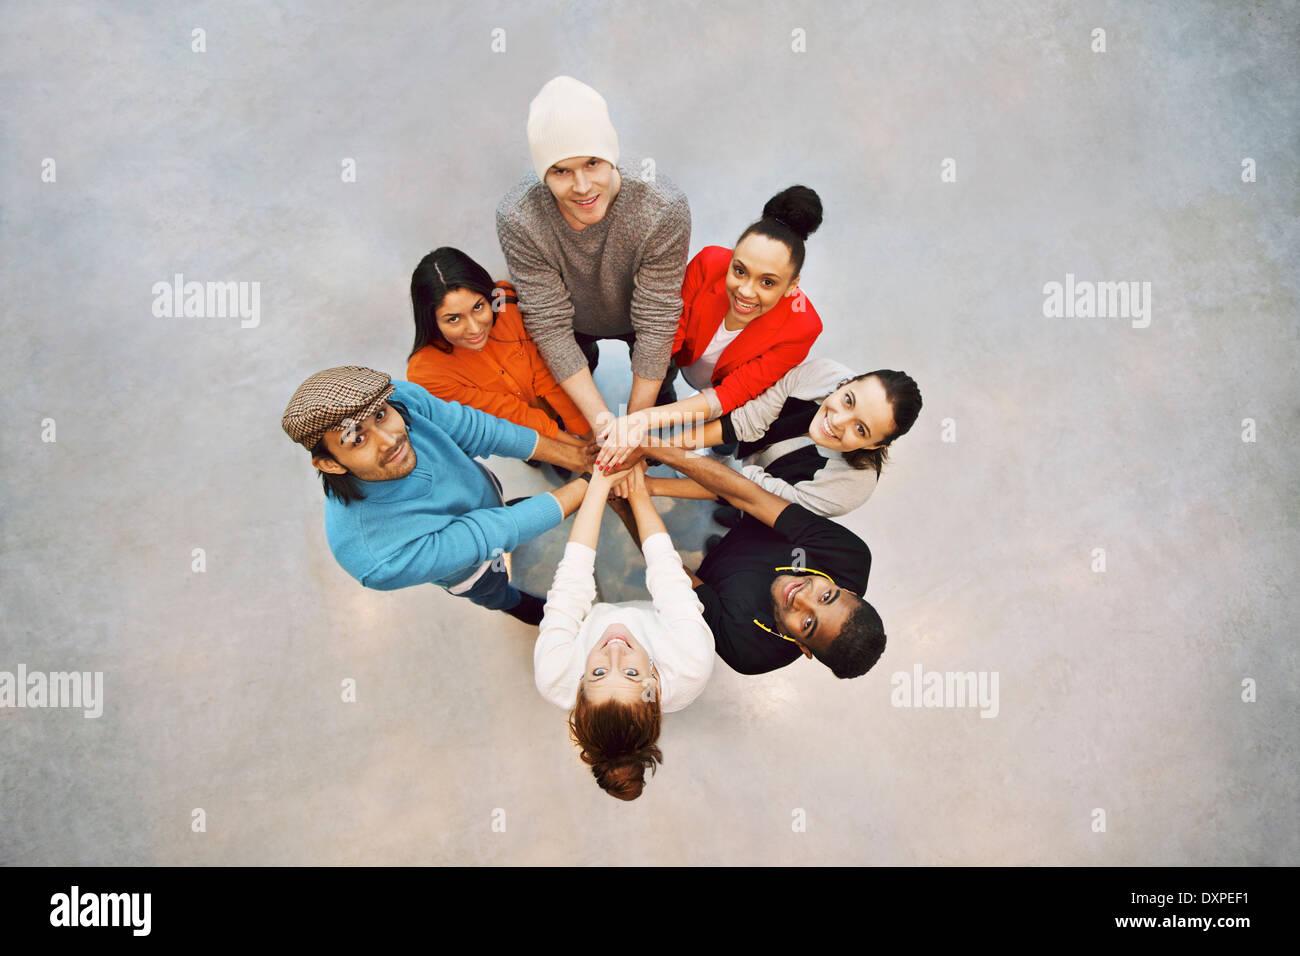 Gruppo di felice giovani studenti che mostra. Vista superiore del gruppo multietnico di giovani mettendo le mani assieme. Immagini Stock